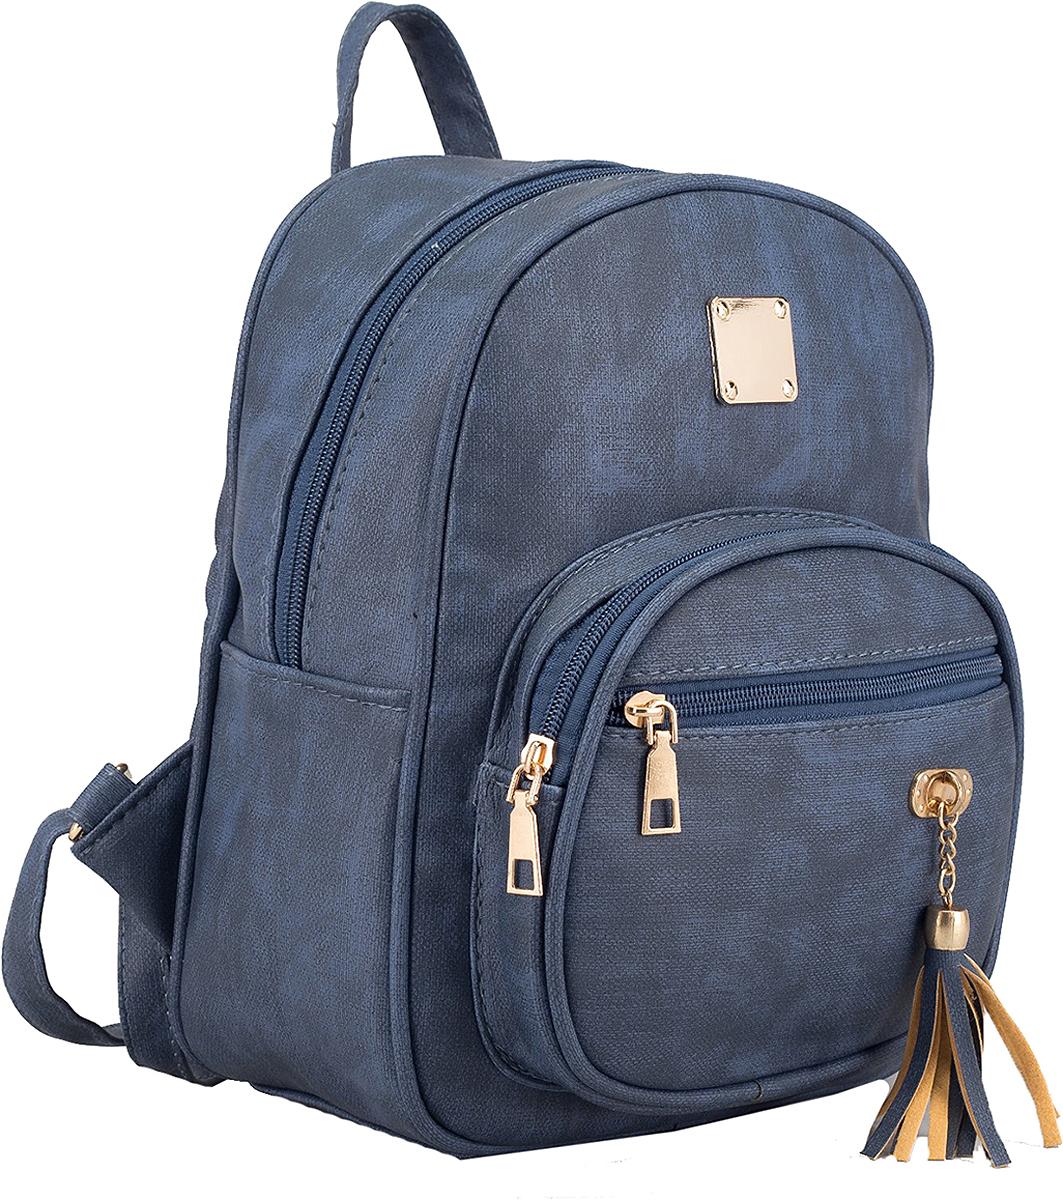 Рюкзак детский Кристи цвет синий 25230412523041Маленькие, казалось бы, незначительные элементы зачастую завершают, дополняют образ, подчеркивают статус, стиль и вкус своего обладателя. Рюкзак - одна из подобных деталей. Это вещь достойного качества, которая может стать прекрасным подарком по любому поводу.